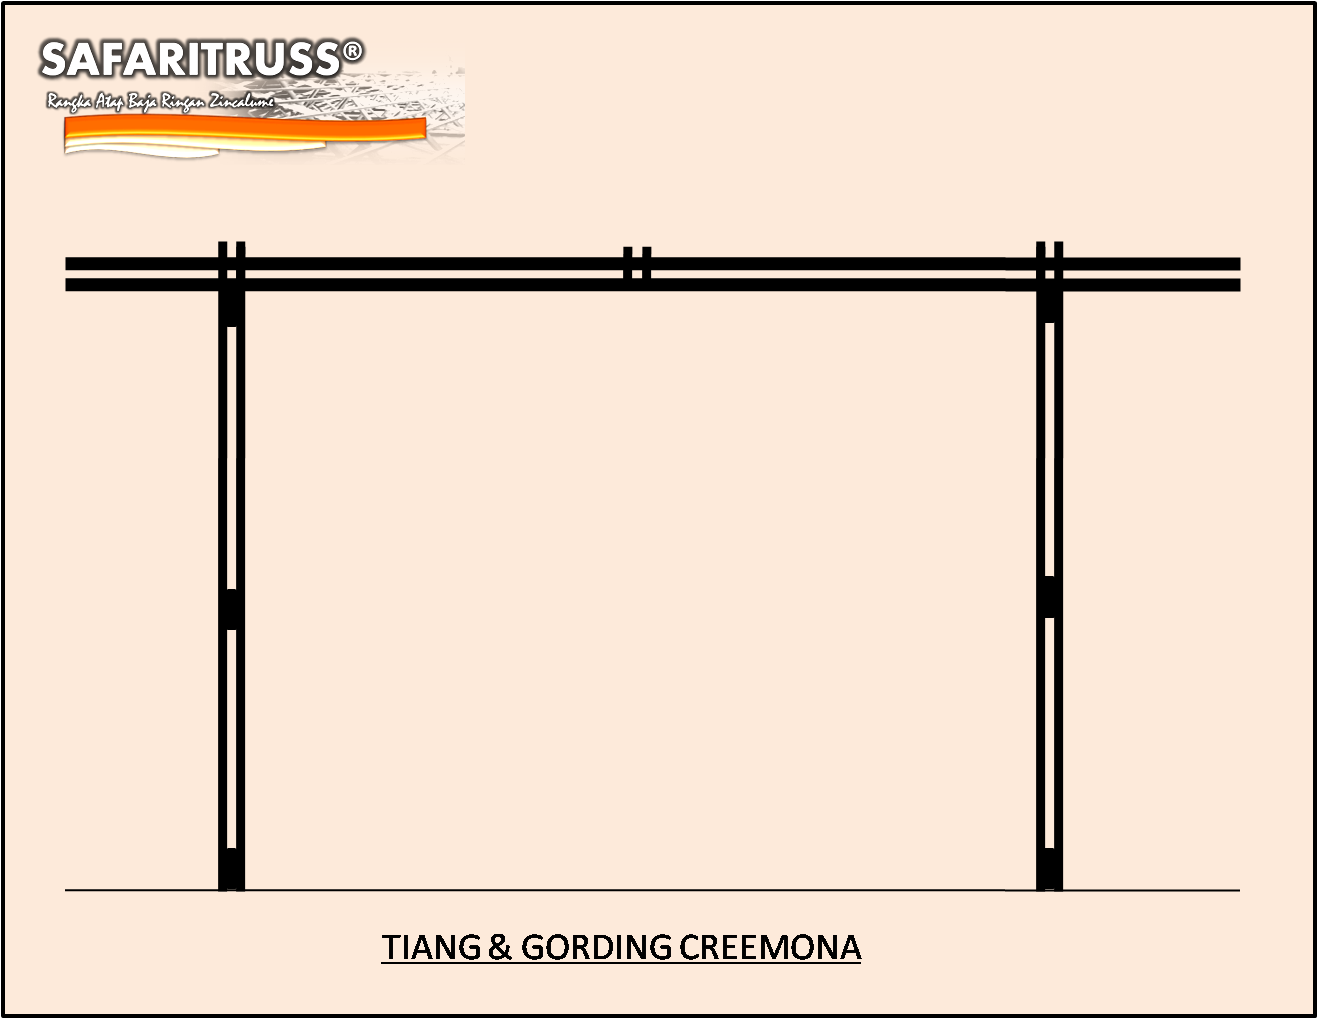 Rangka Atap Baja Ringan Untuk Teras Zincalume Genteng Metal Roof Kusen